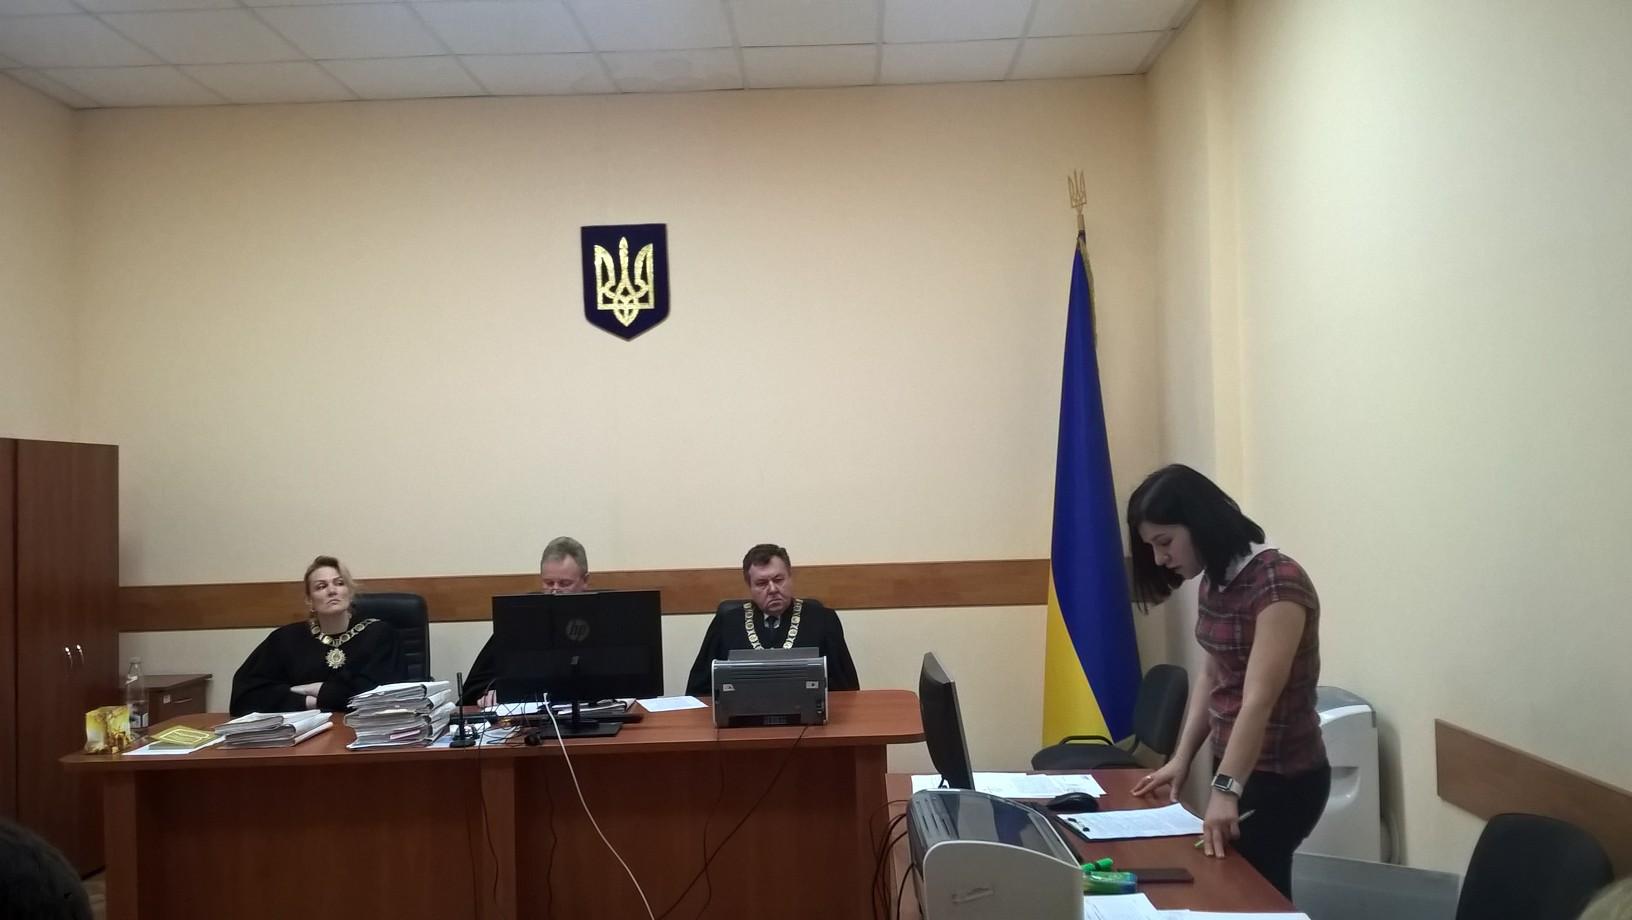 В Минюсте признали незаконность своих действий в угоду рейдерам сельхозпредприятий на Черниговщине